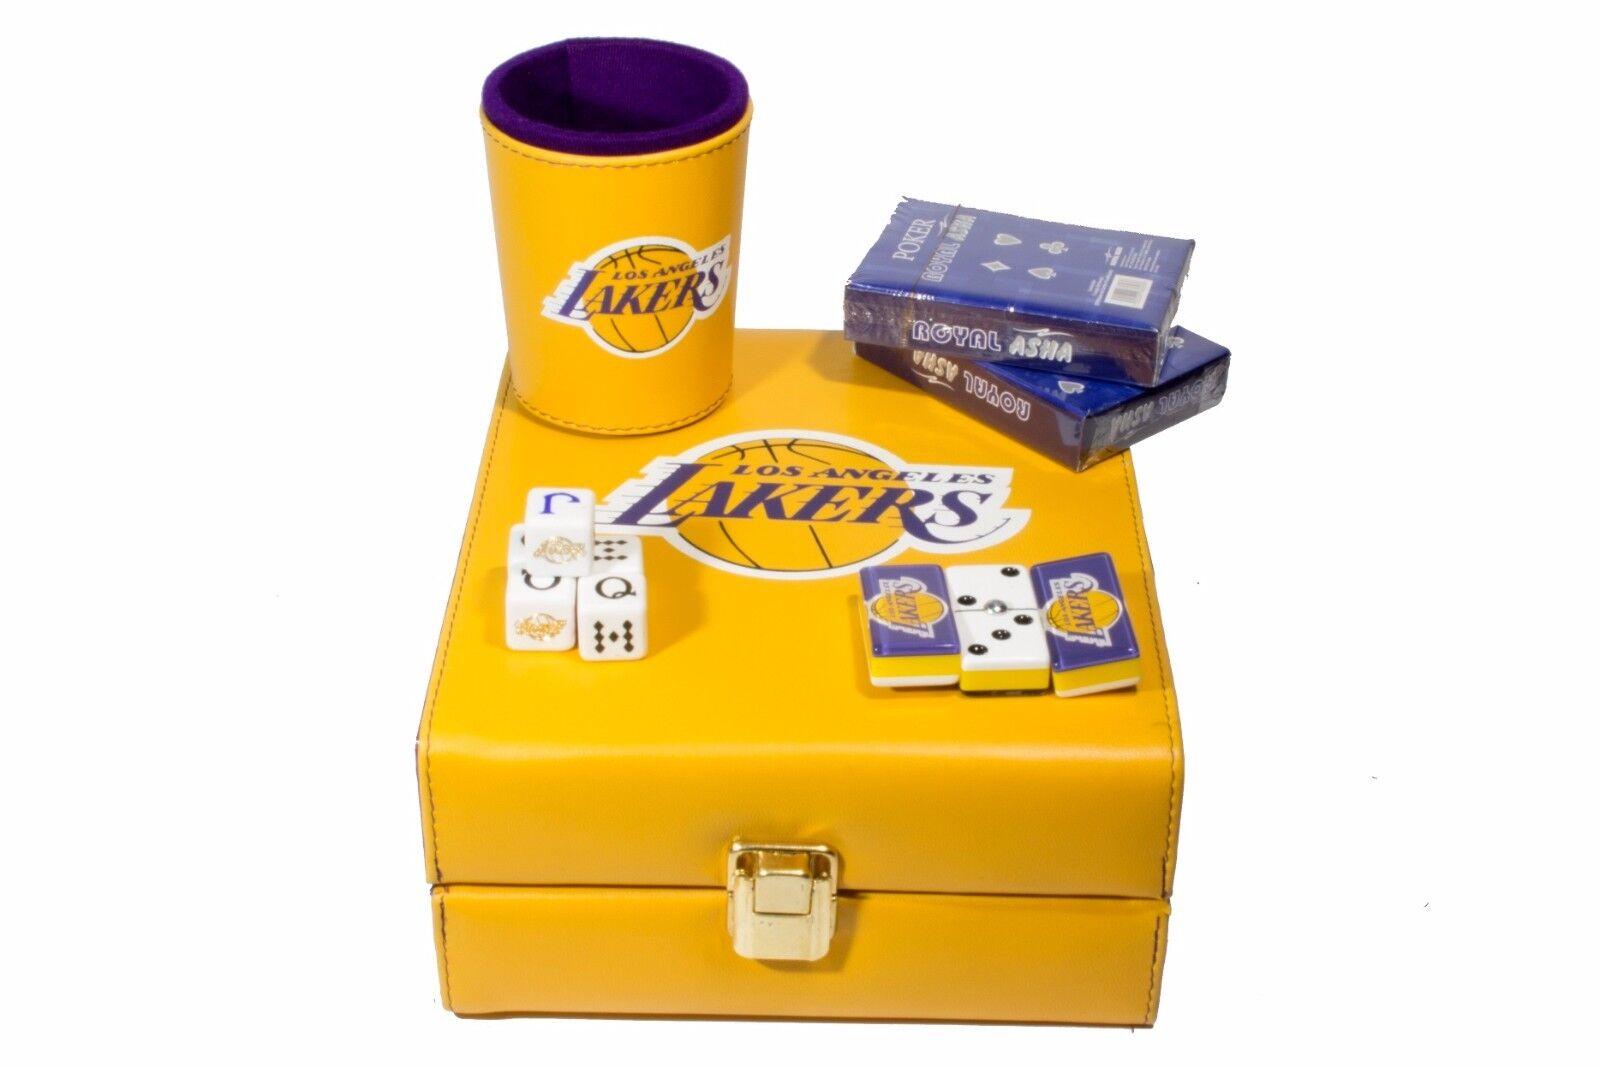 Los Angeles Lakers Deluxe Set 3 Juegos  Domino, dados Cup, 2 Tarjetas de Poker